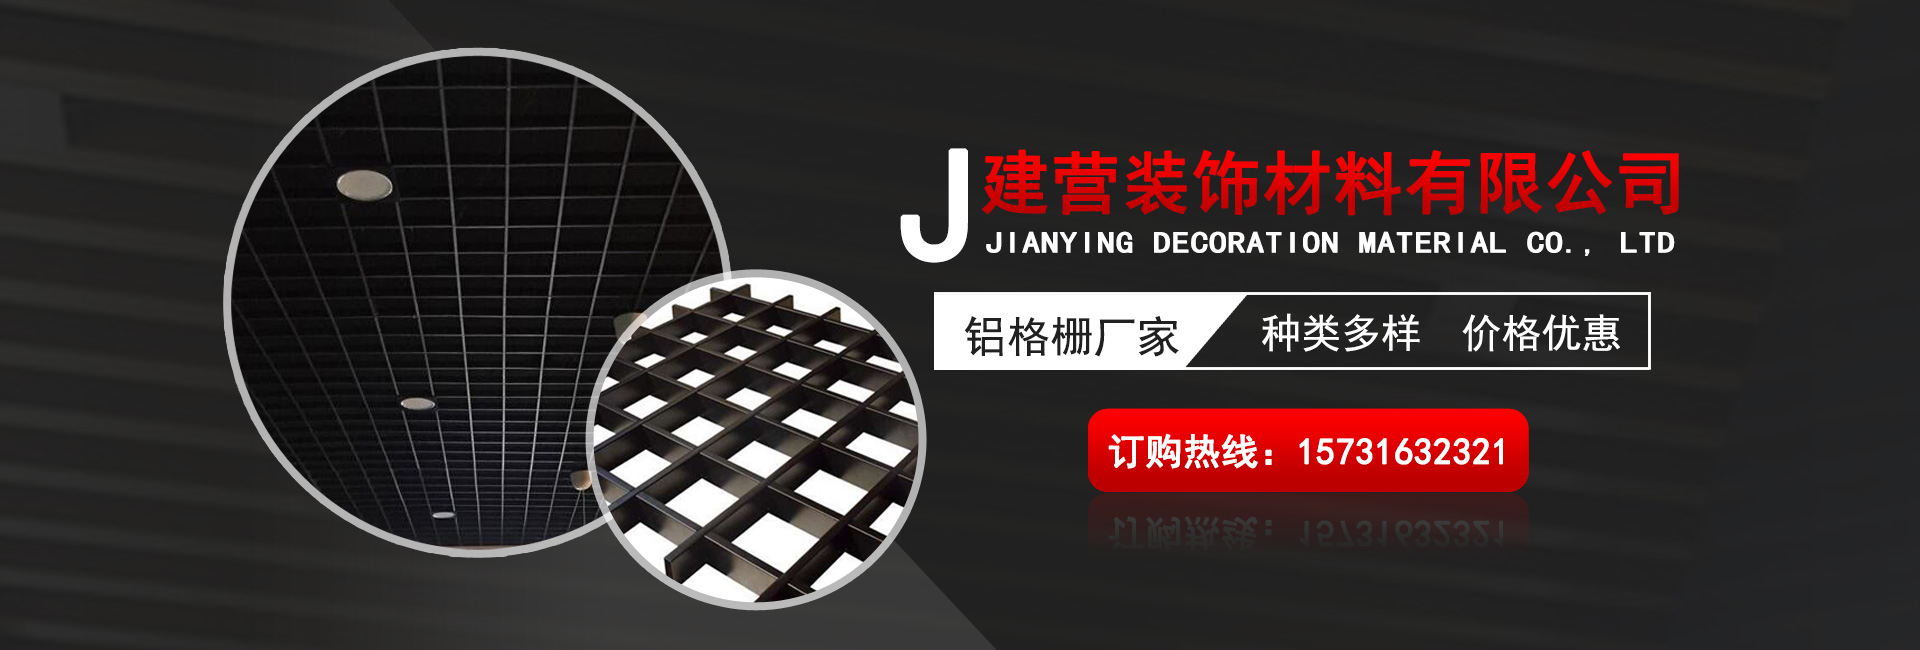 廊坊建营装饰材料有限公司